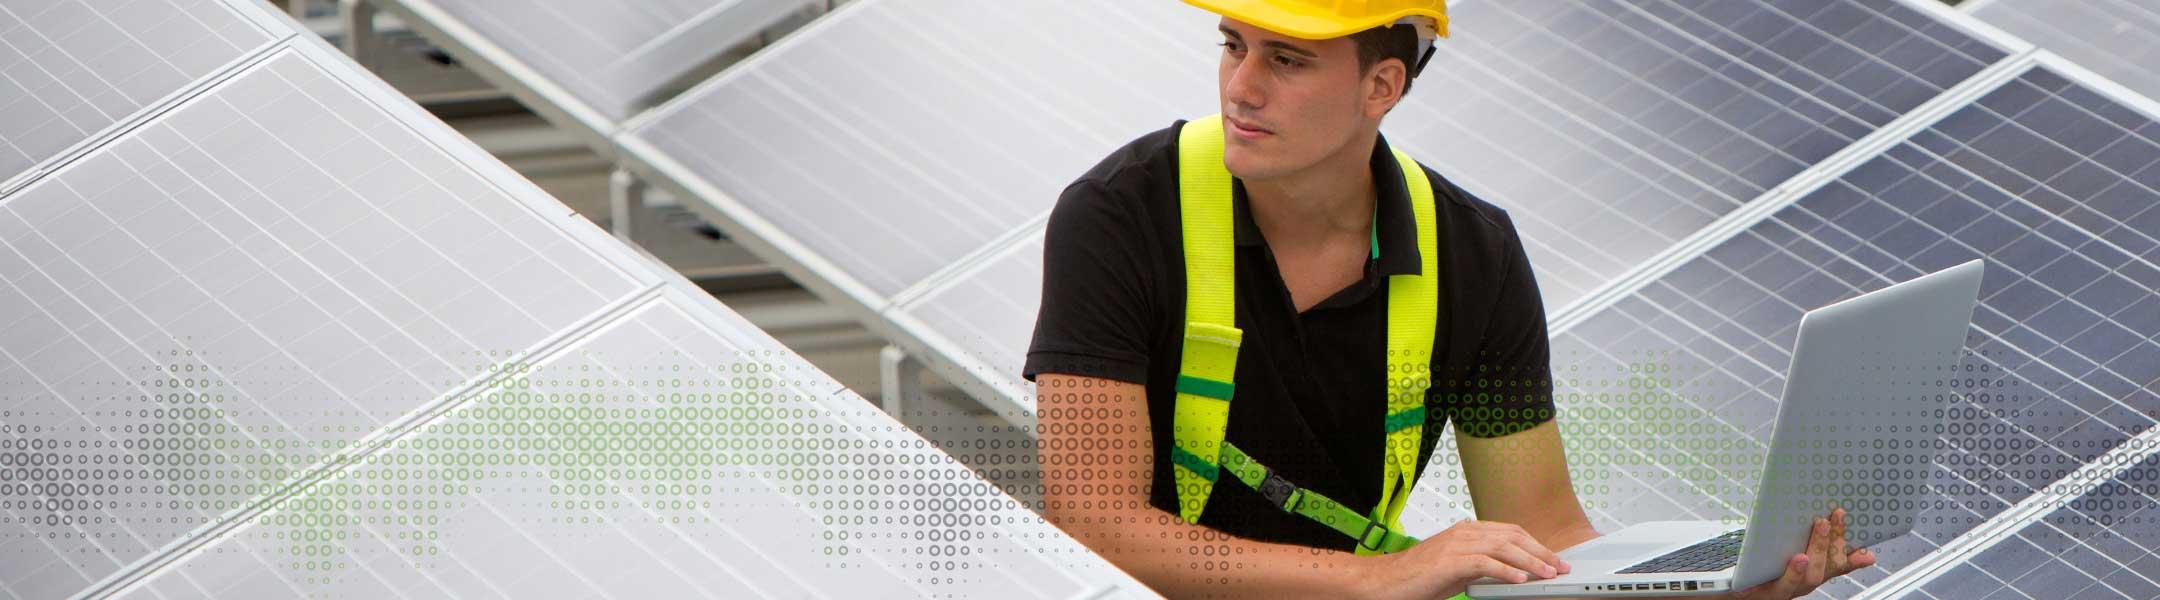 Aprimorar a eficiência energética